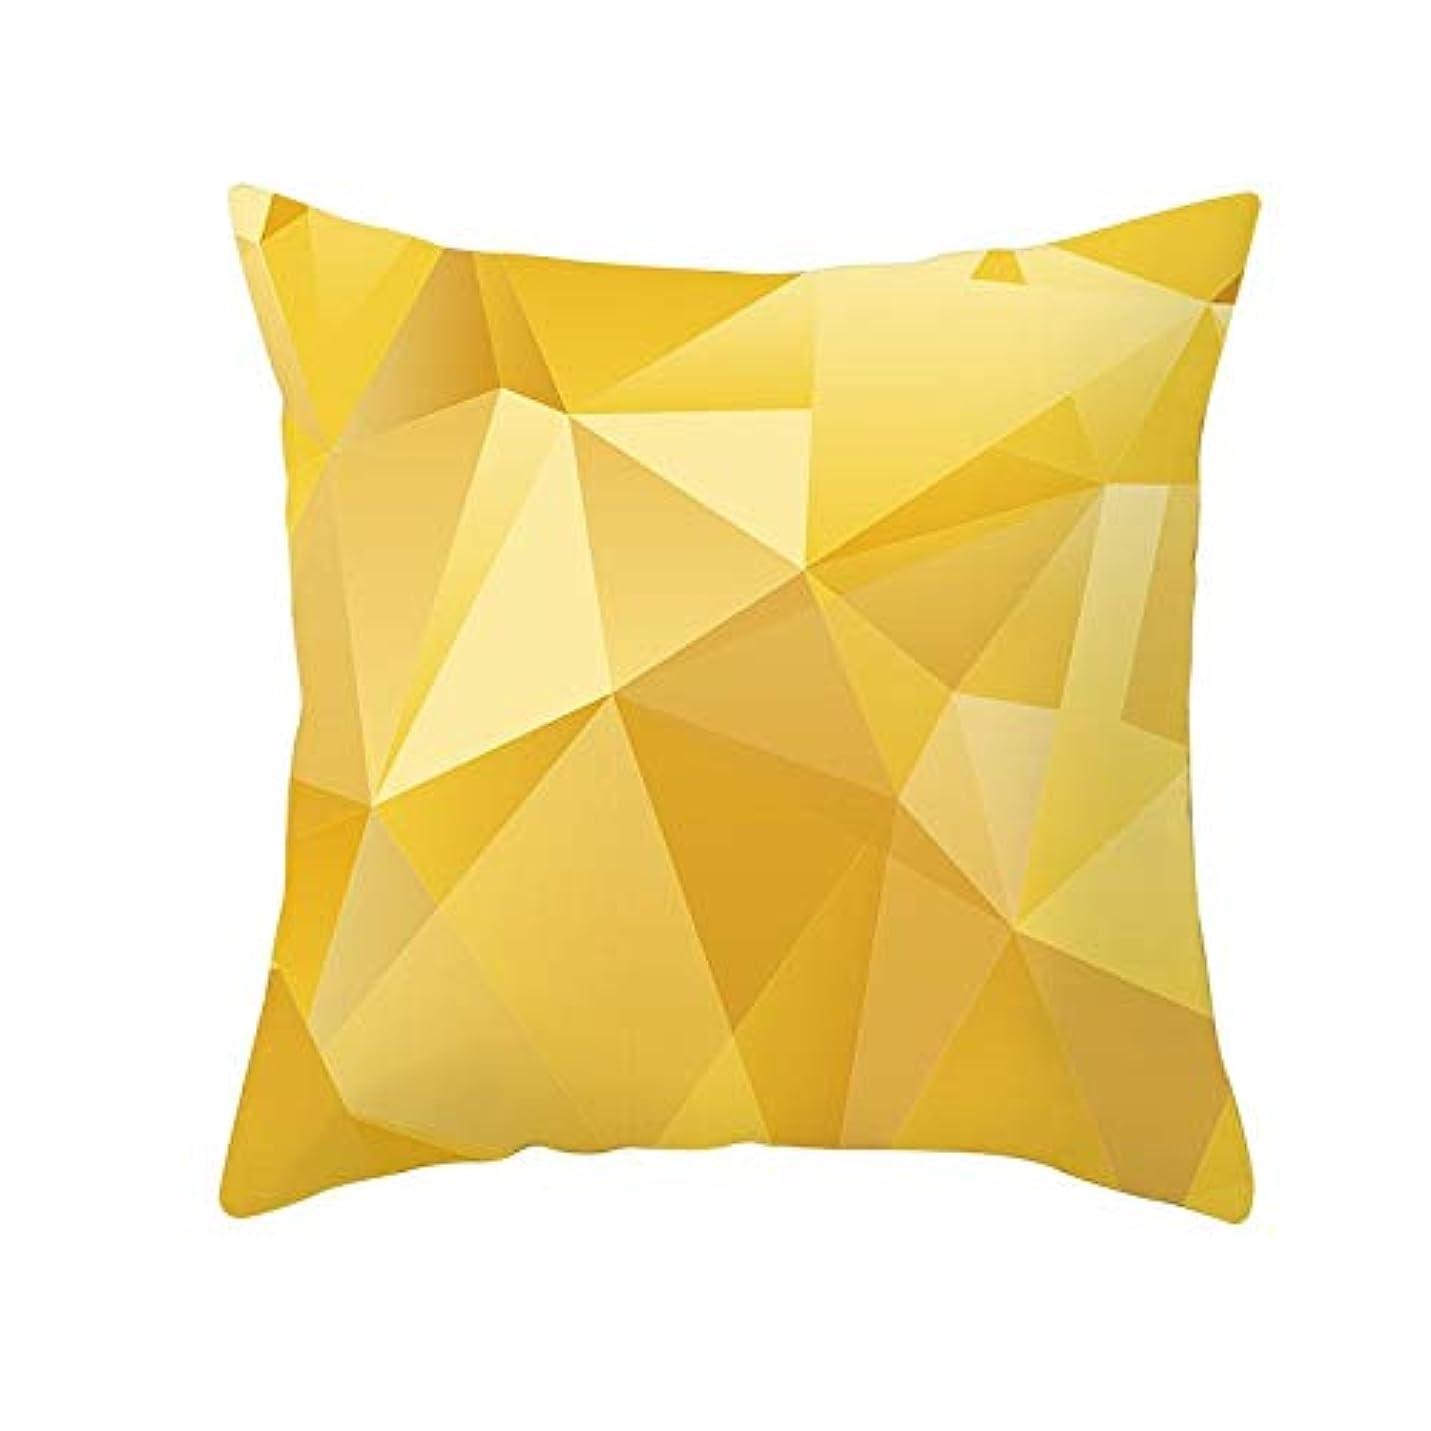 キャプテンブライミケランジェロ周辺LIFE 装飾クッションソファ 幾何学プリントポリエステル正方形の枕ソファスロークッション家の装飾 coussin デ長椅子 クッション 椅子